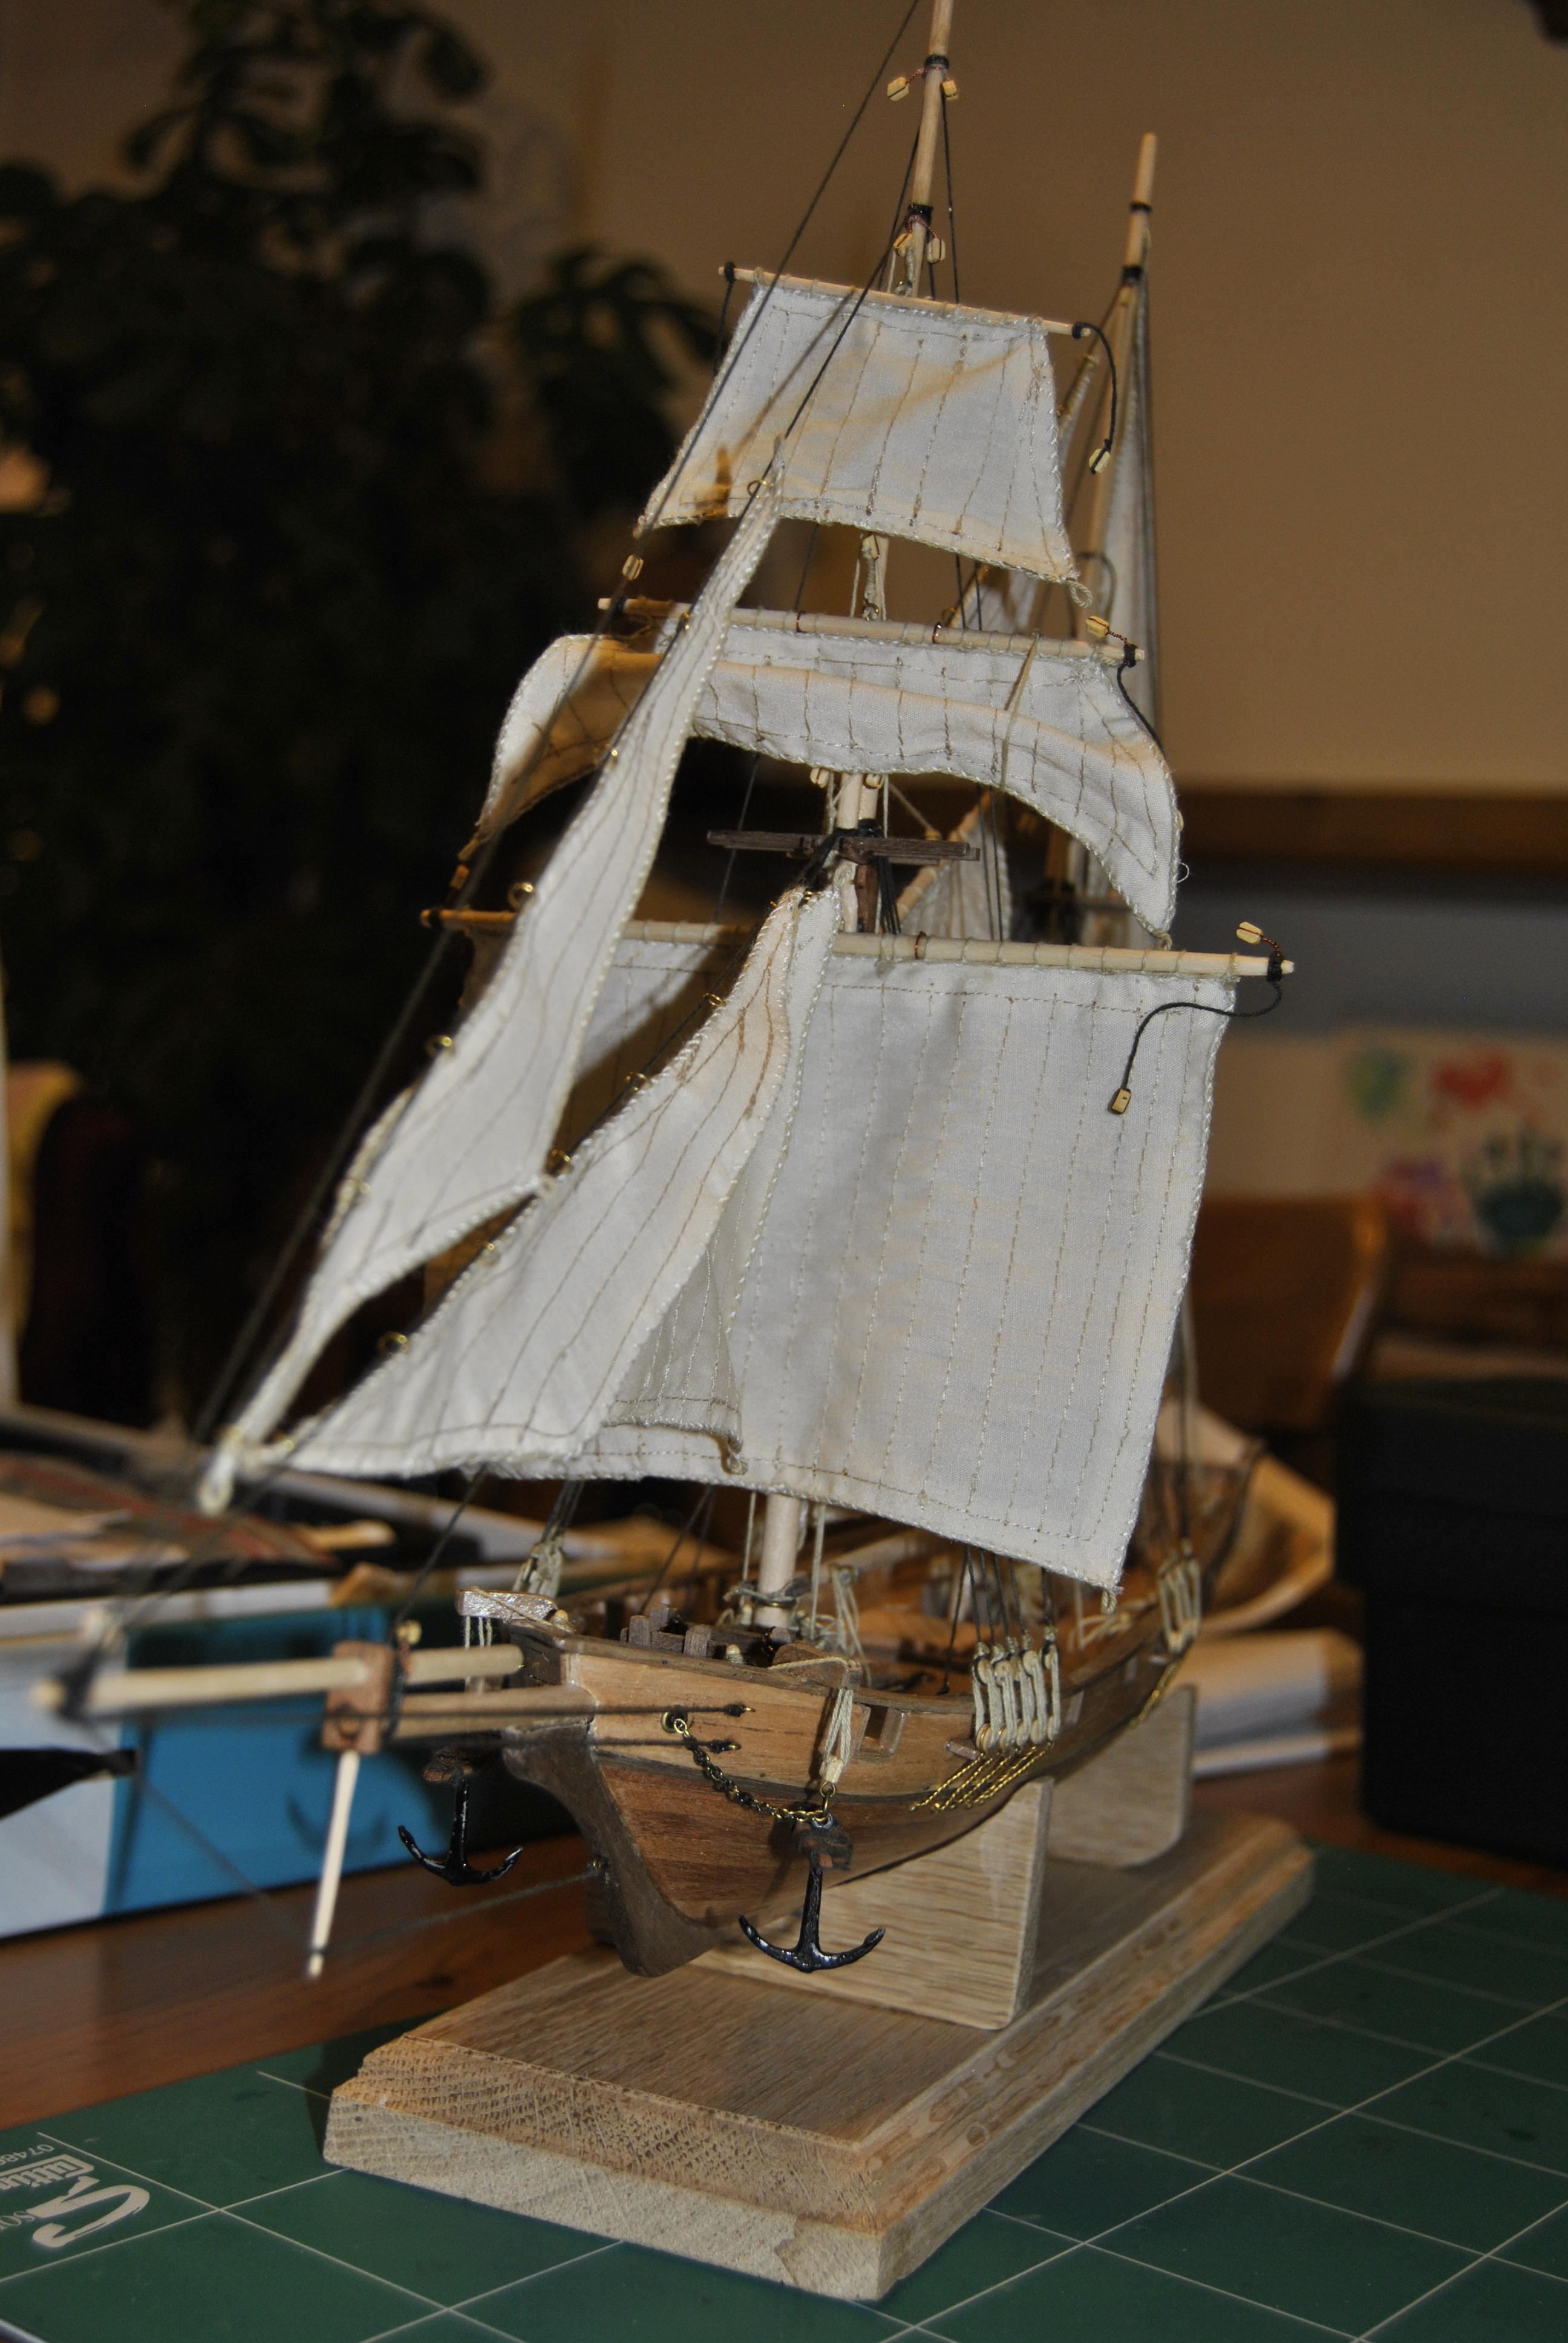 L'albatros kit de constructo - Page 5 163444DSC7980